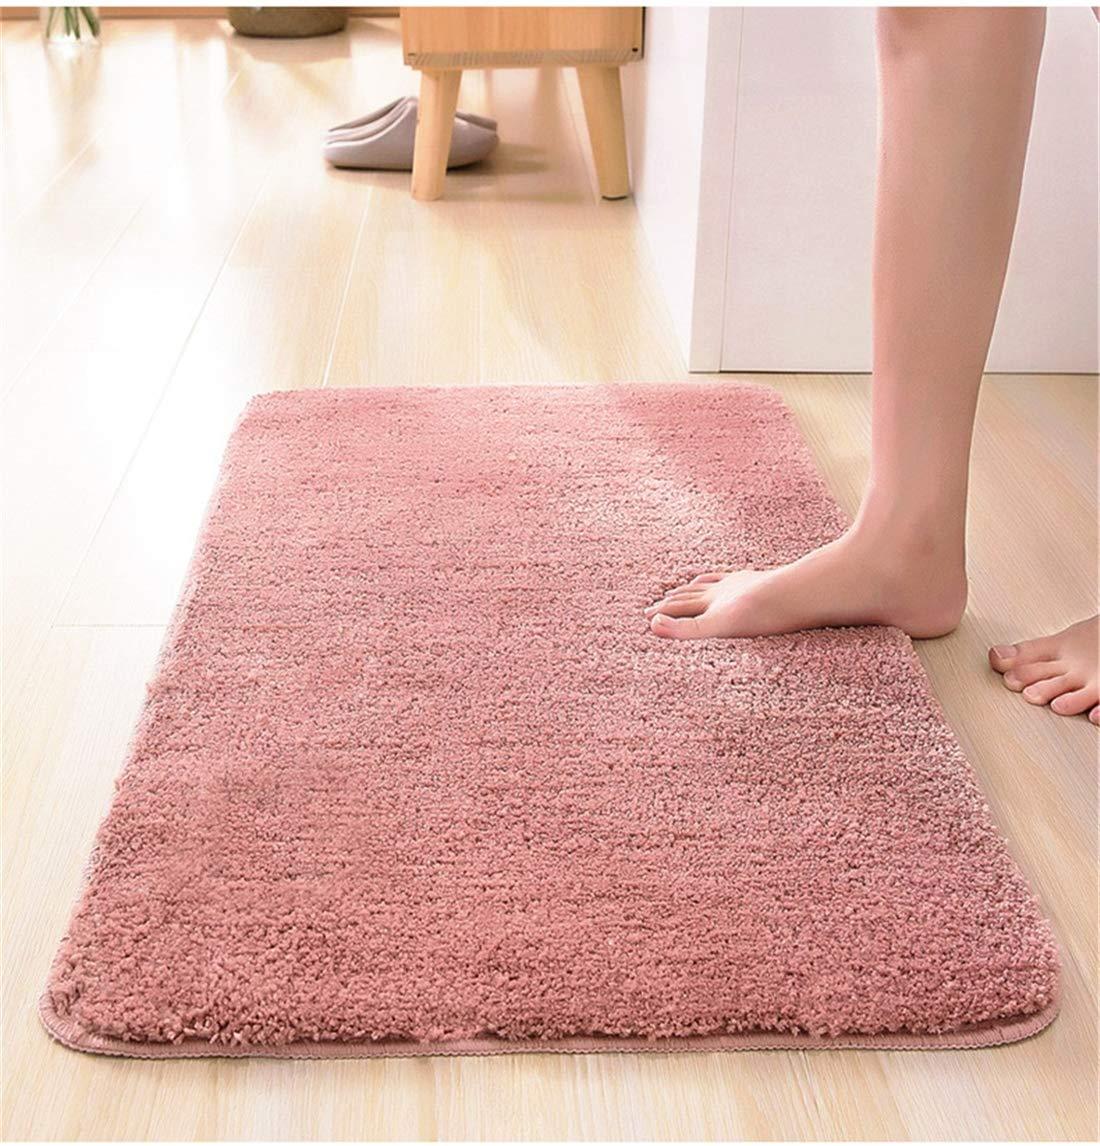 VJUKUBWINE Solide Farb-Kurzhaarkonzeln Baumwolle Bad Absorbent Boden Bedroom Soft Soft Soft Non-Slip Mat Washable Carpet Door Mat,Darkbraun,60X90cm B07KCBVGXJ Duschmatten d29a55